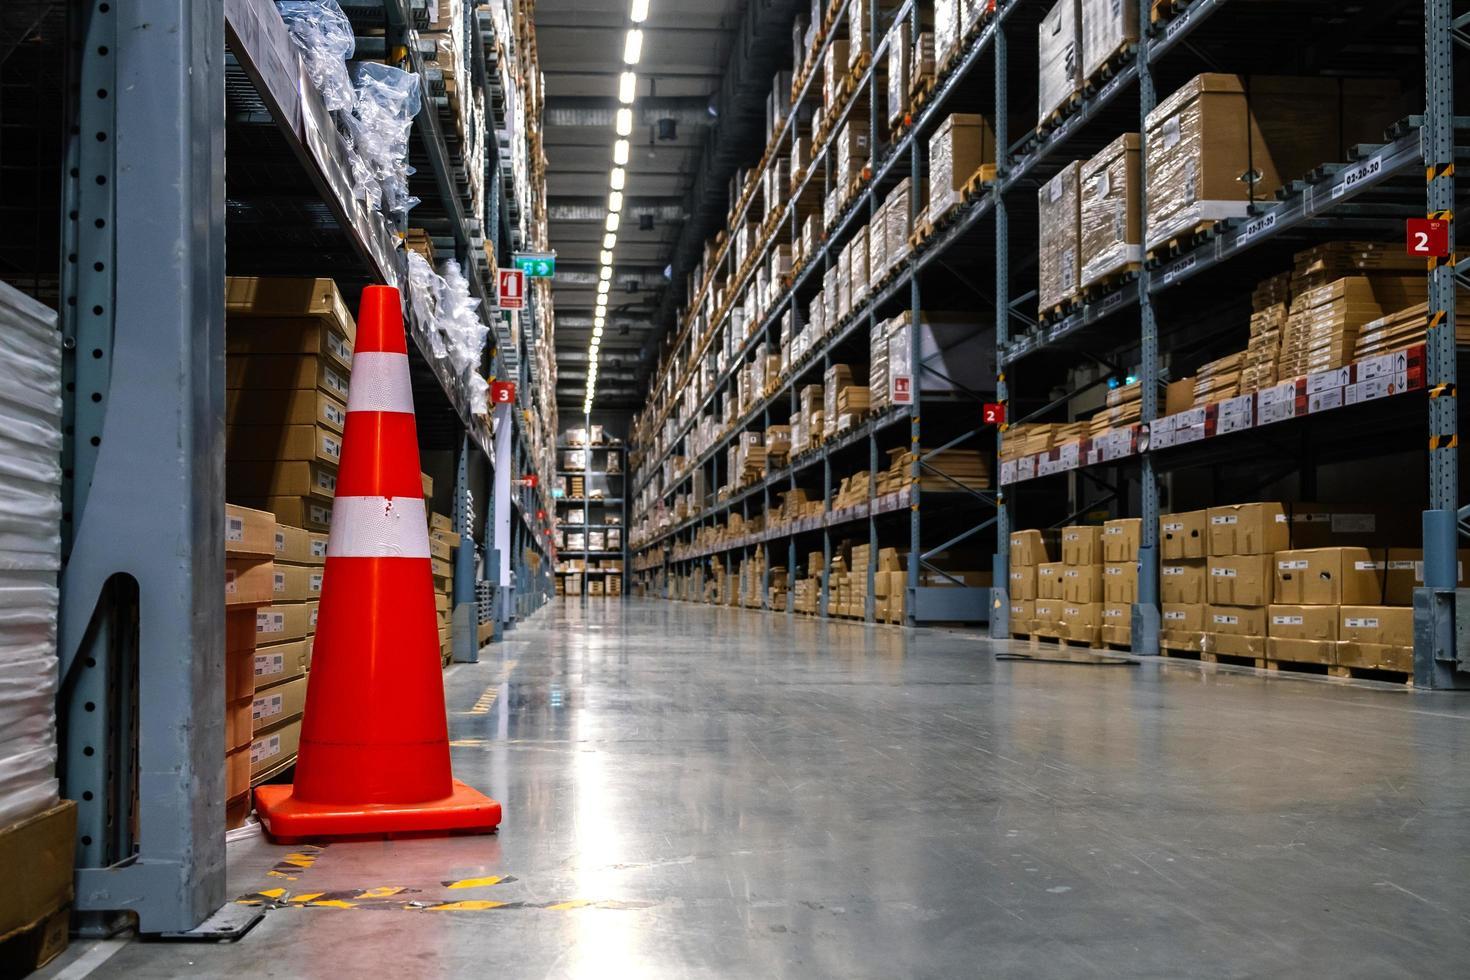 Un cono de tráfico en el pasillo del almacén en una tienda Ikea. foto